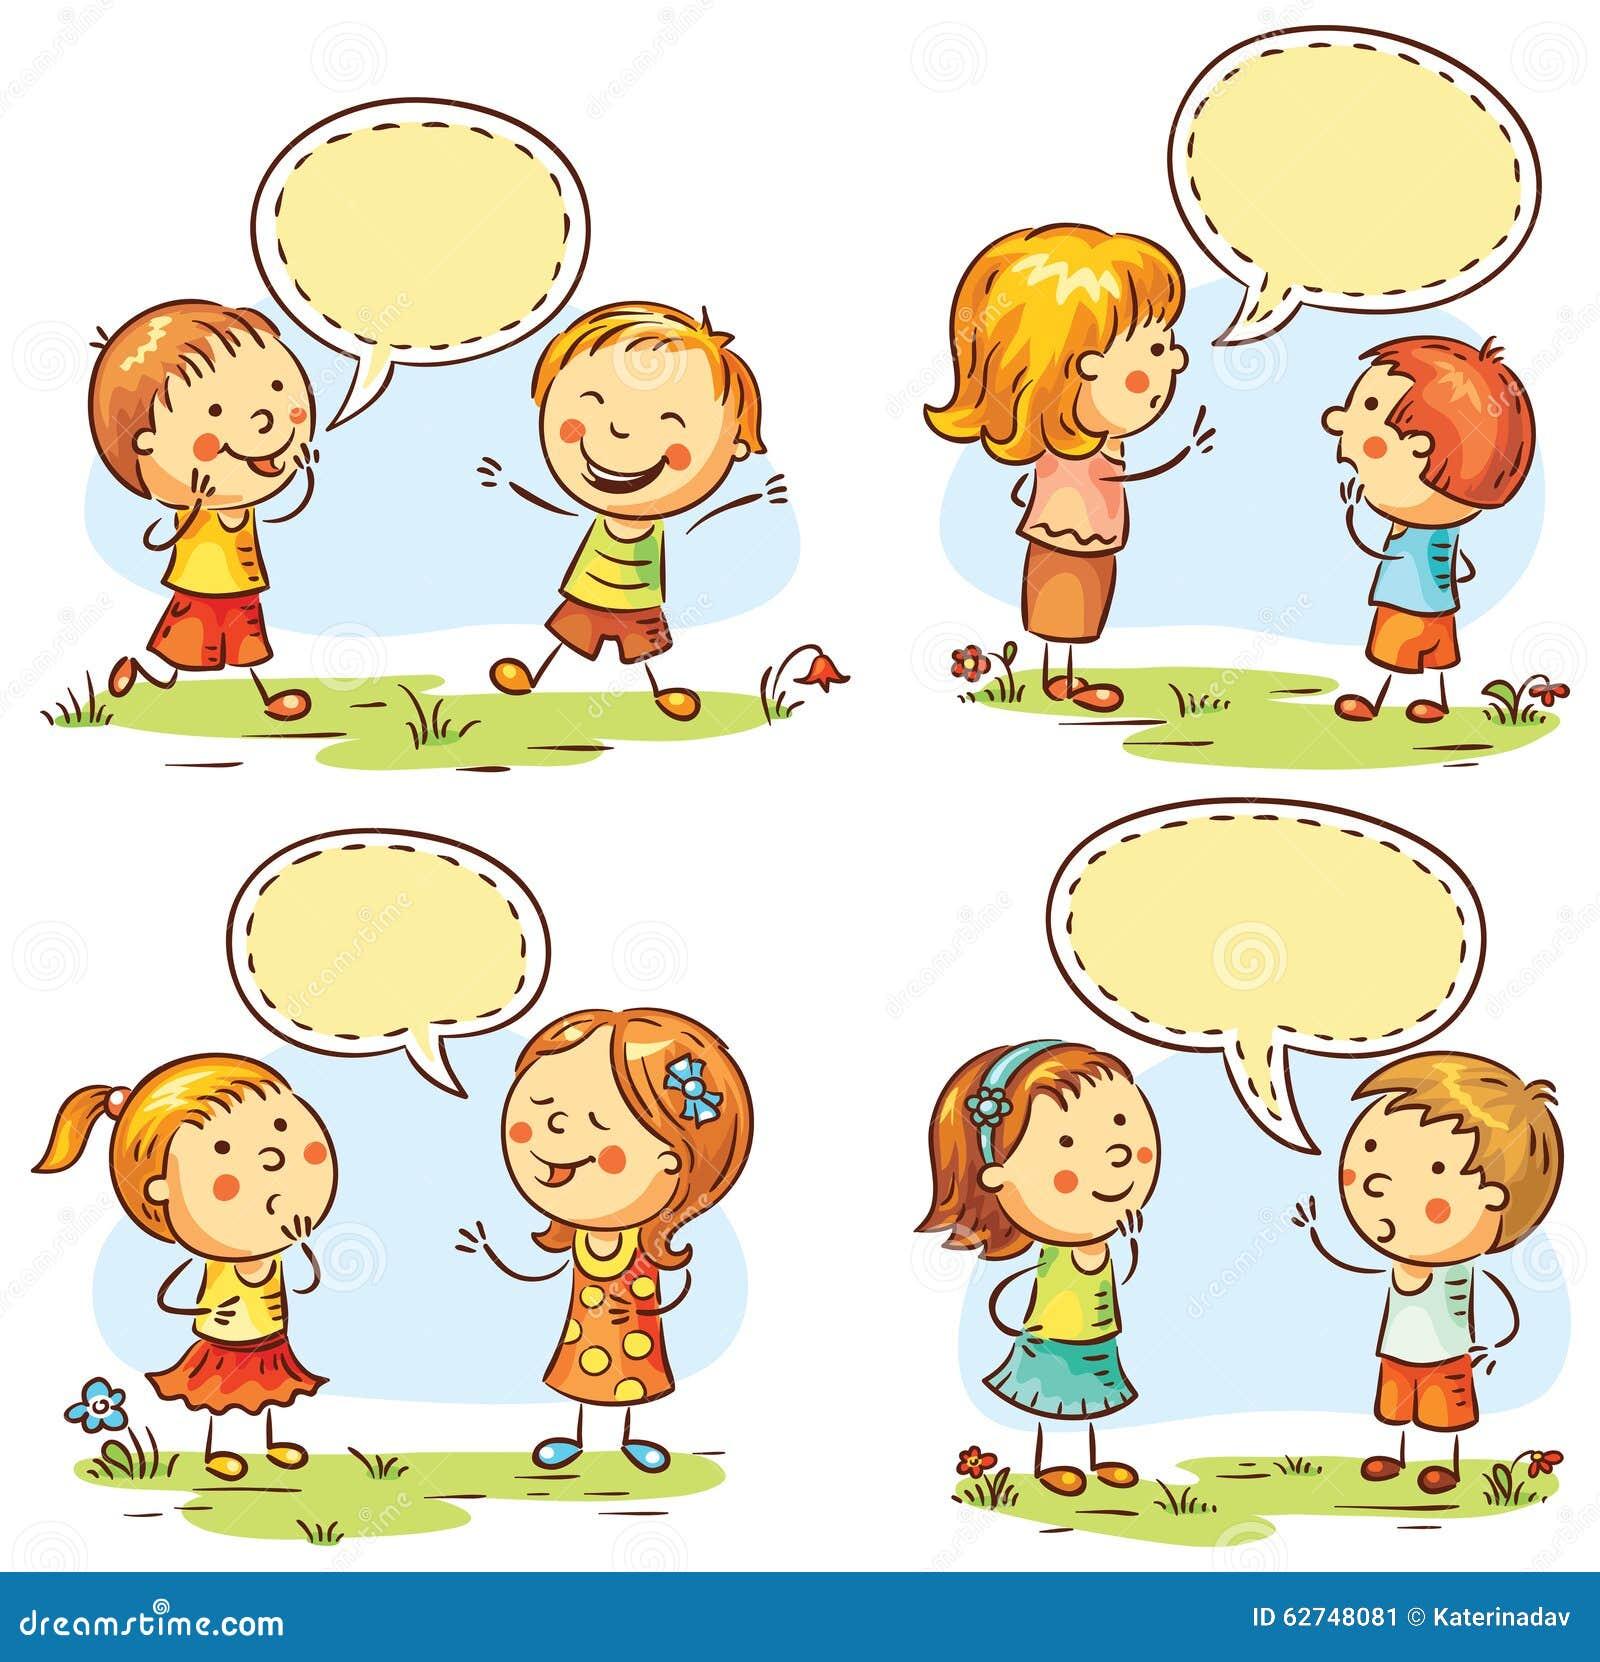 Disegno Bambini Che Parlano.Bambini Felici Che Parlano E Che Mostrano Le Emozioni Differenti